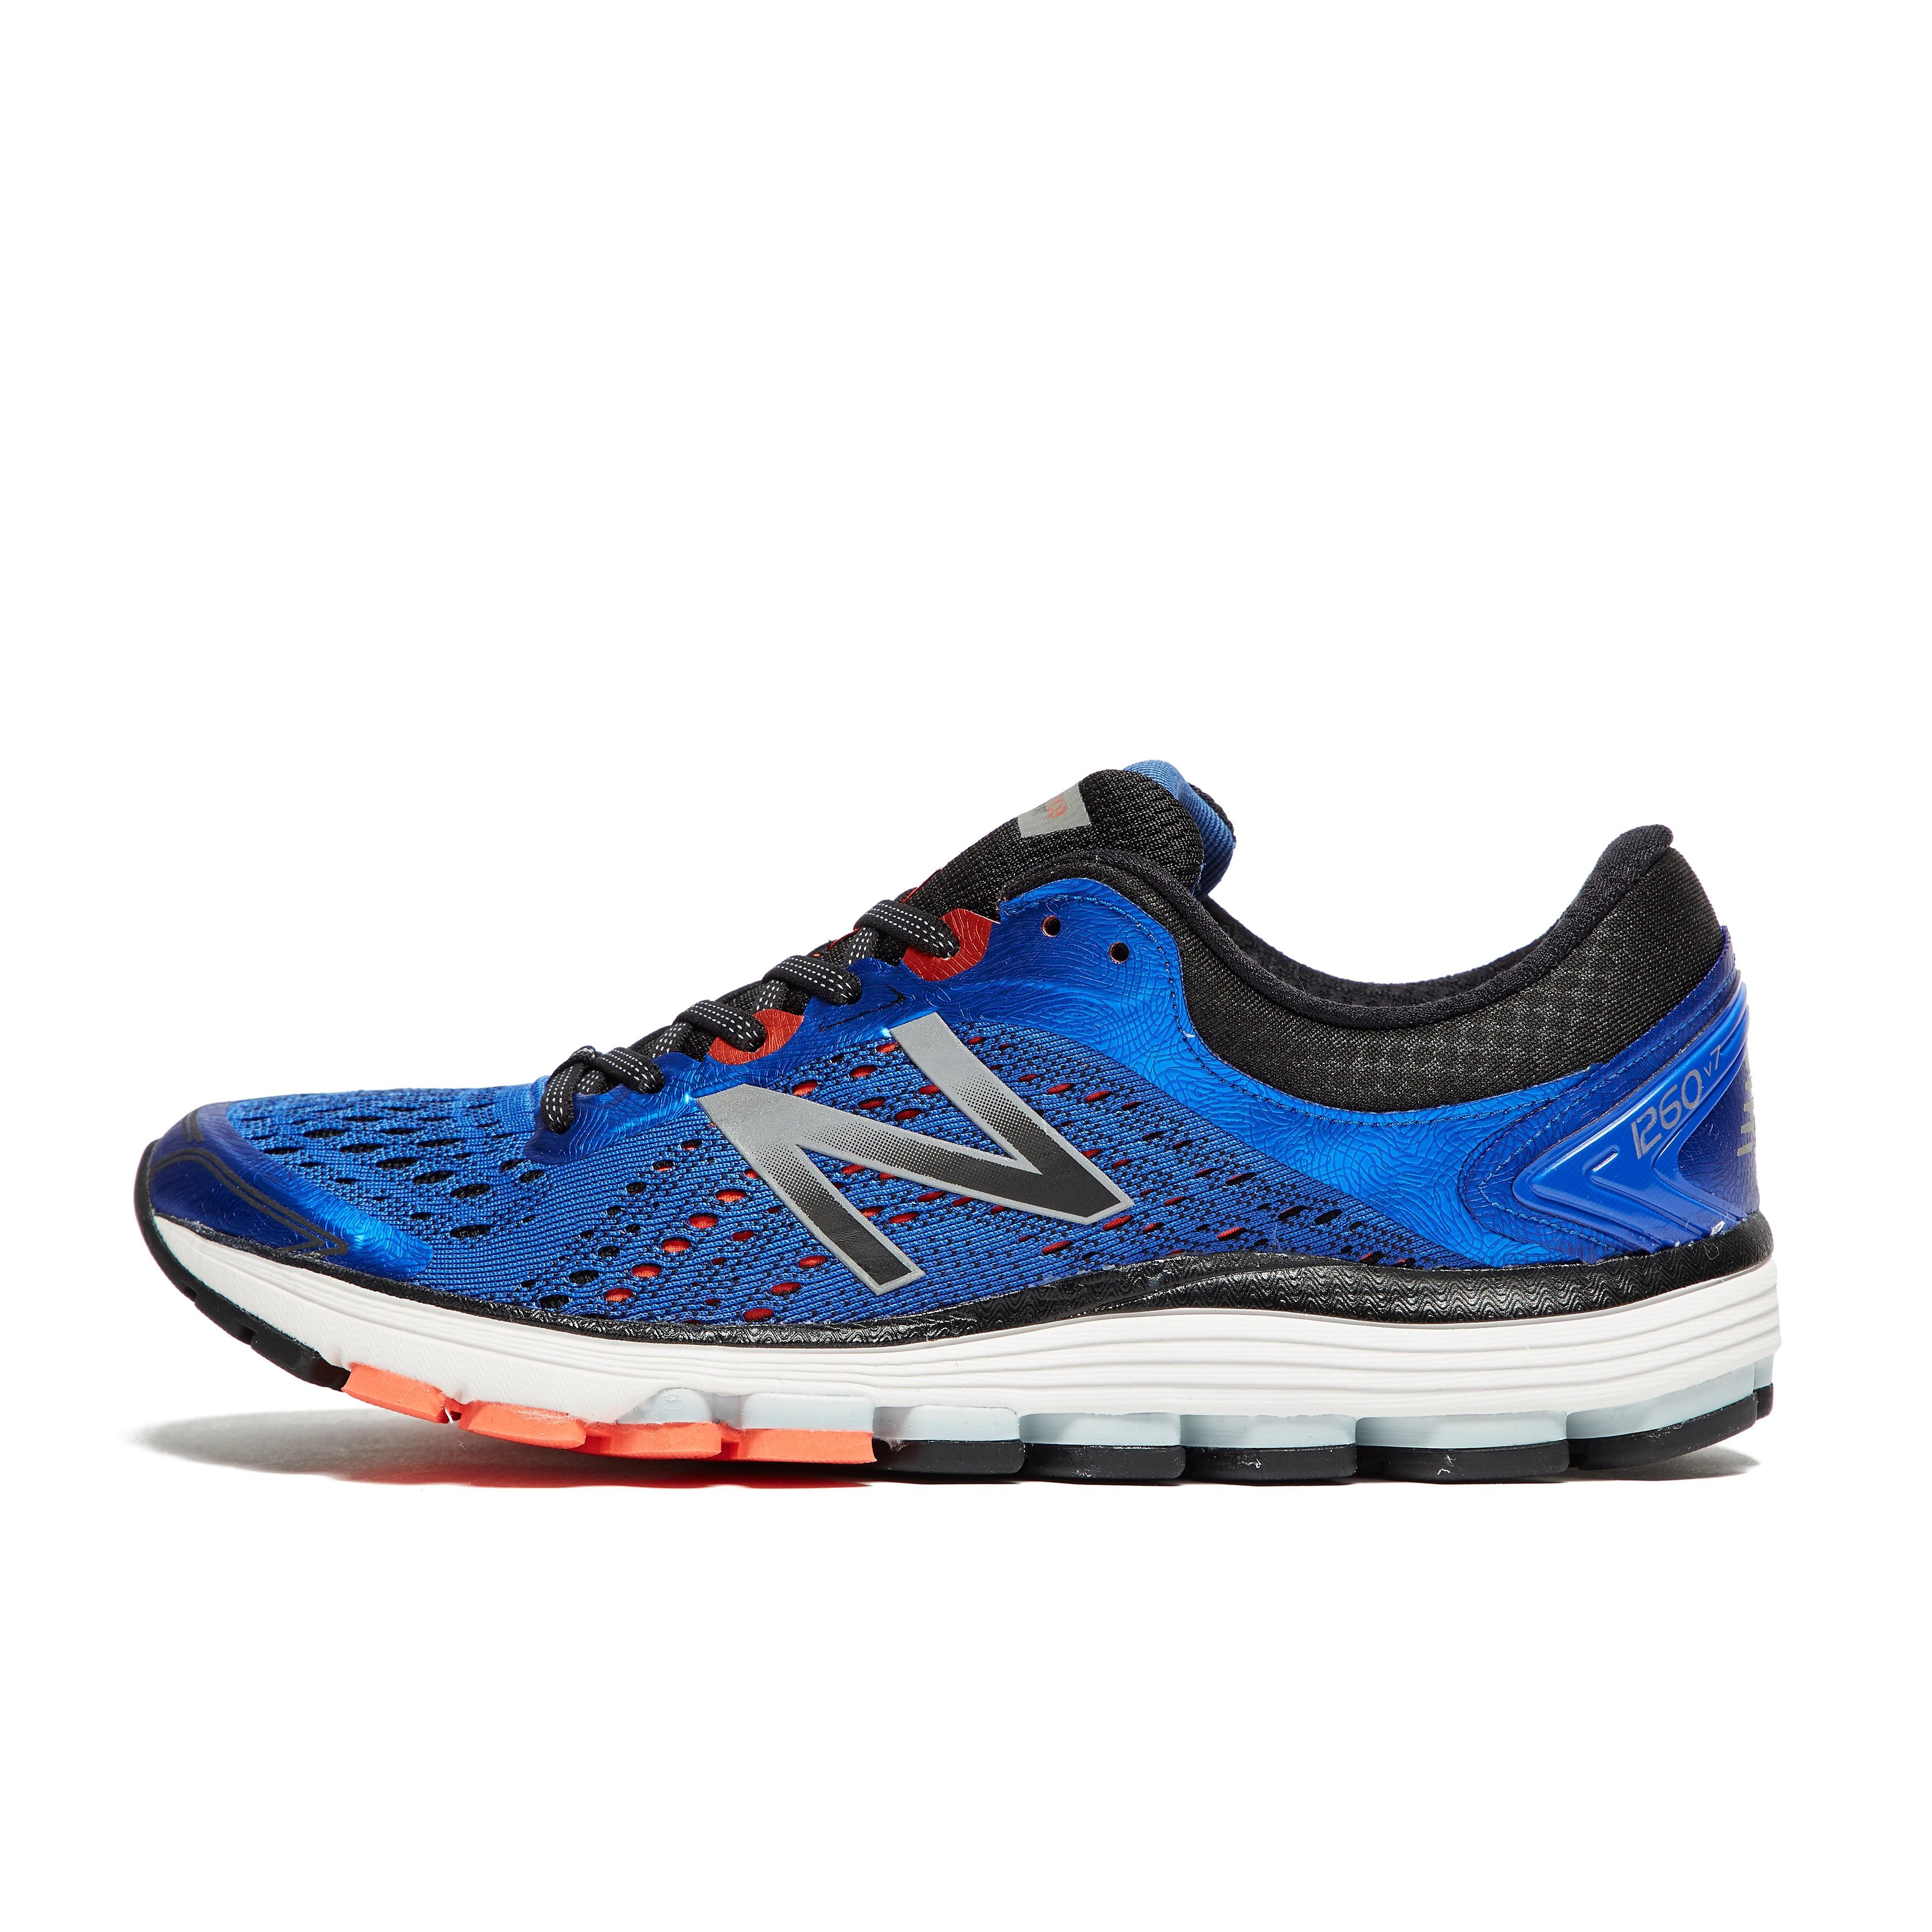 New Balance M1260v7 Men's Running Shoes